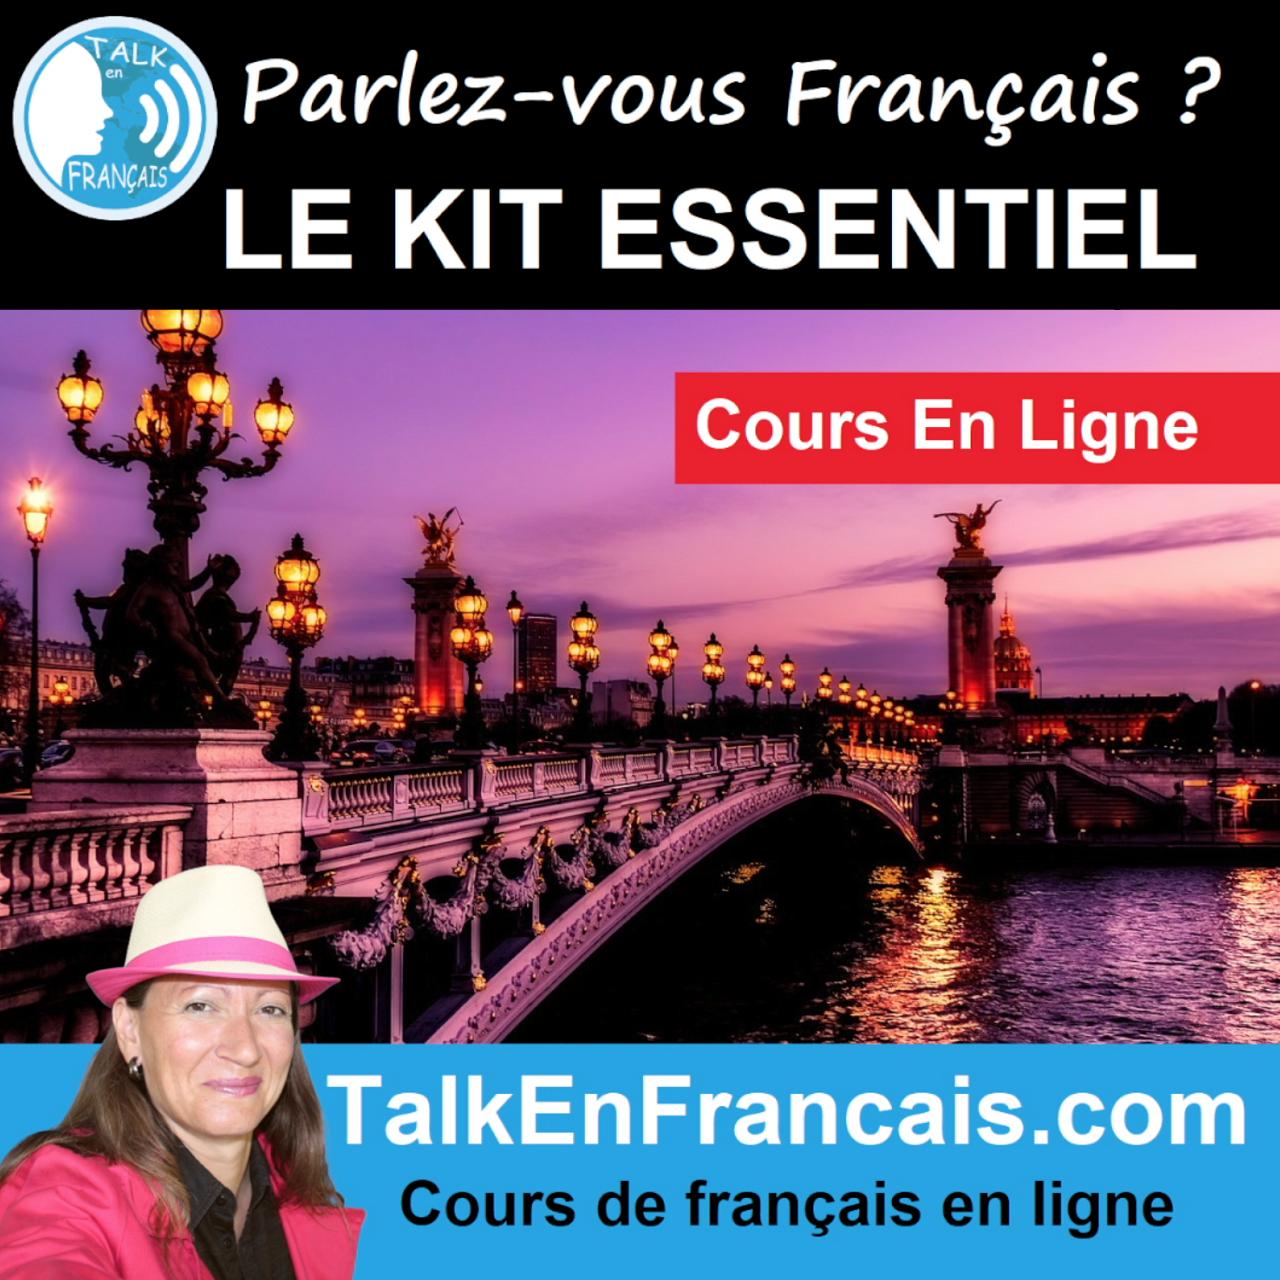 Cours en ligne Parlez-vous francais Kit Essentiel - Talk En Français